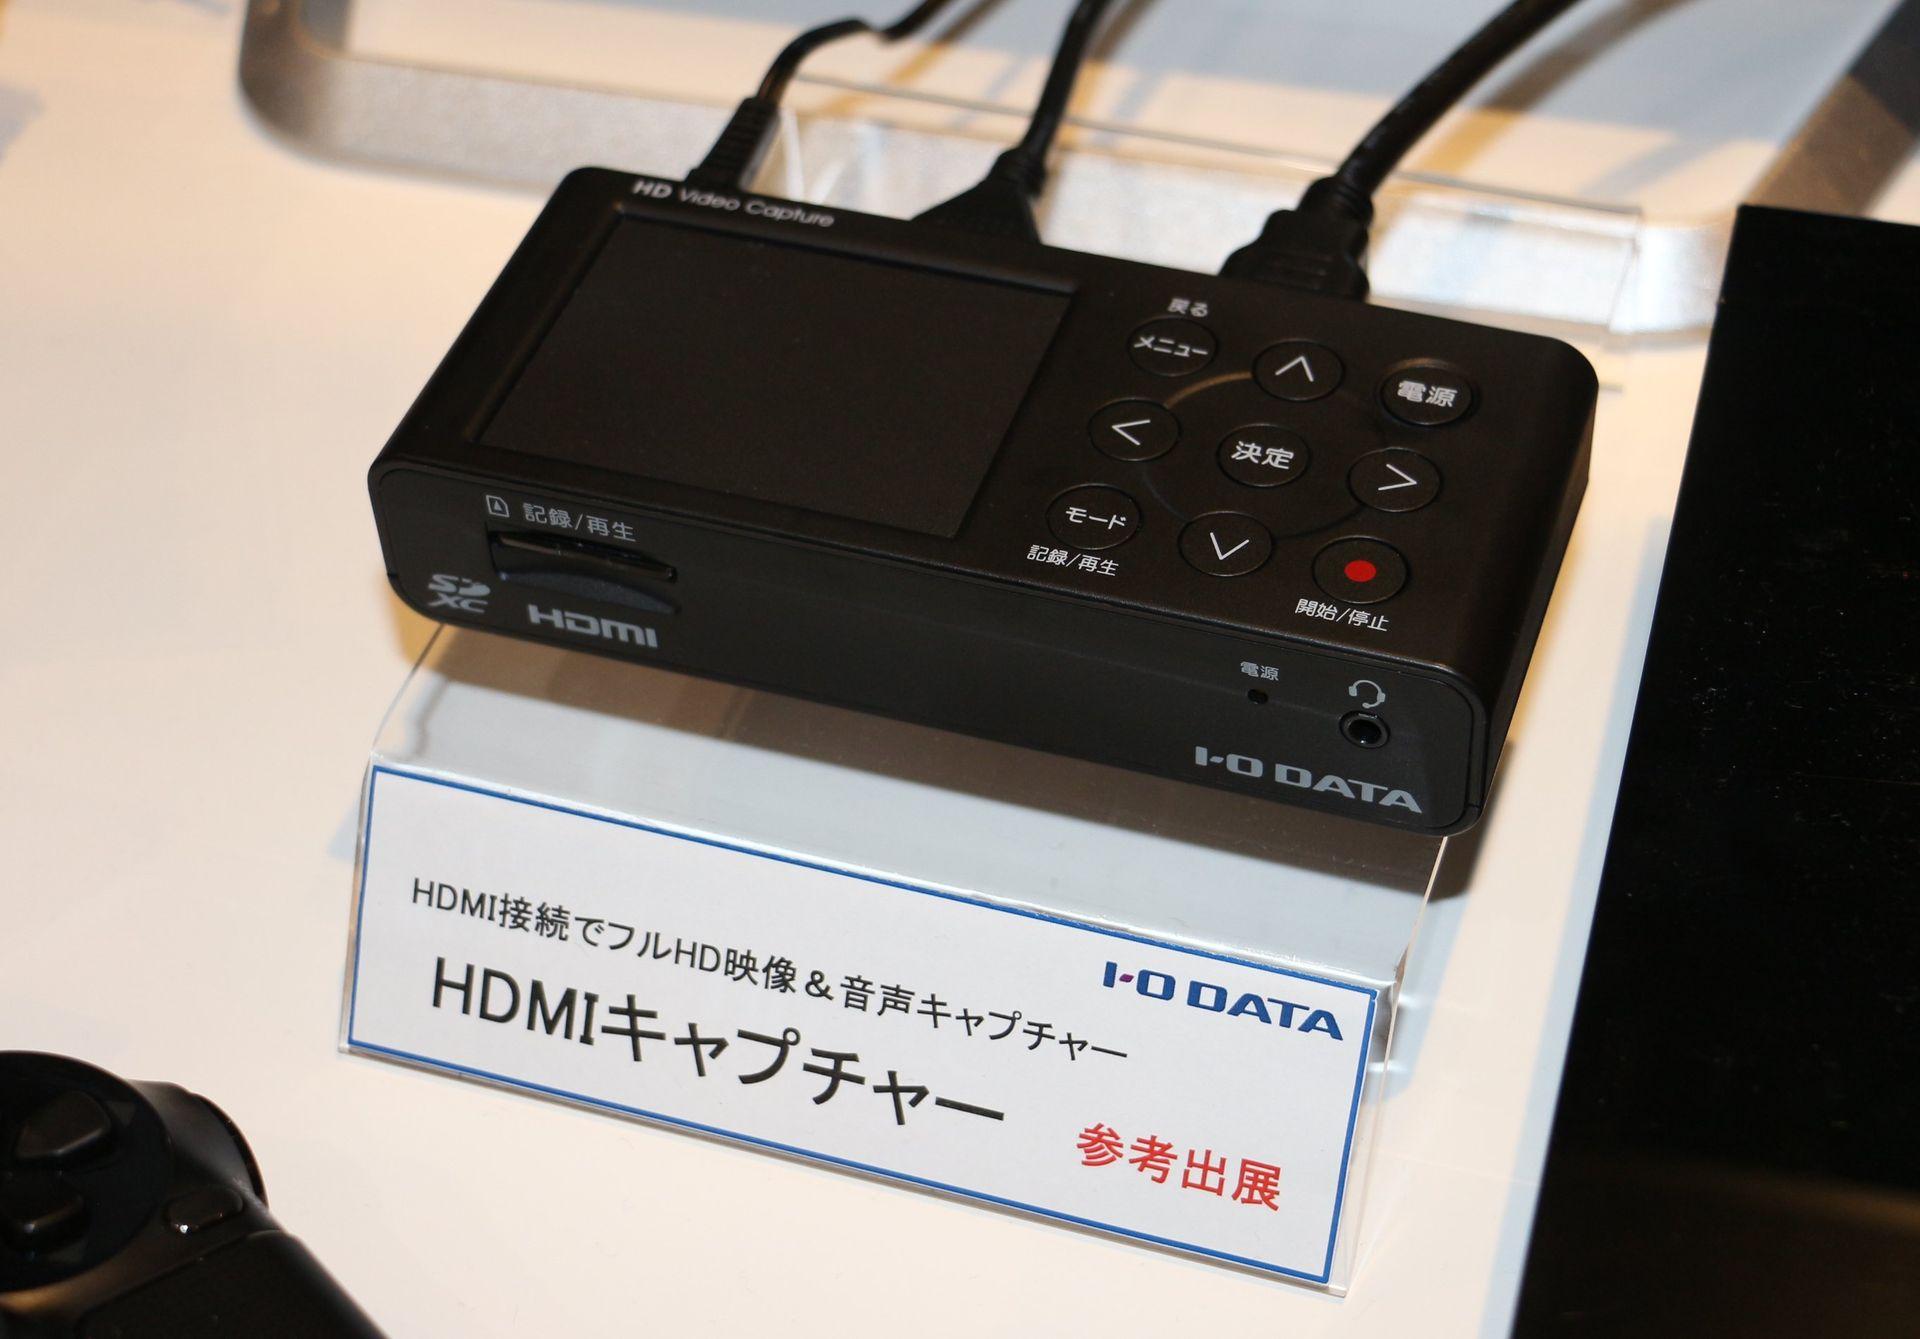 コンパクトサイズの「HDMIキャプチャー(仮)